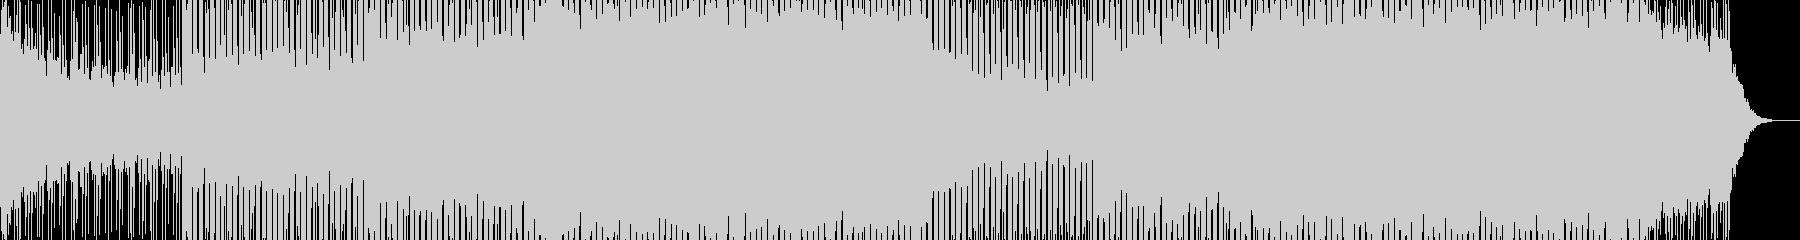 EDMクラブ系ダンスミュージック-102の未再生の波形